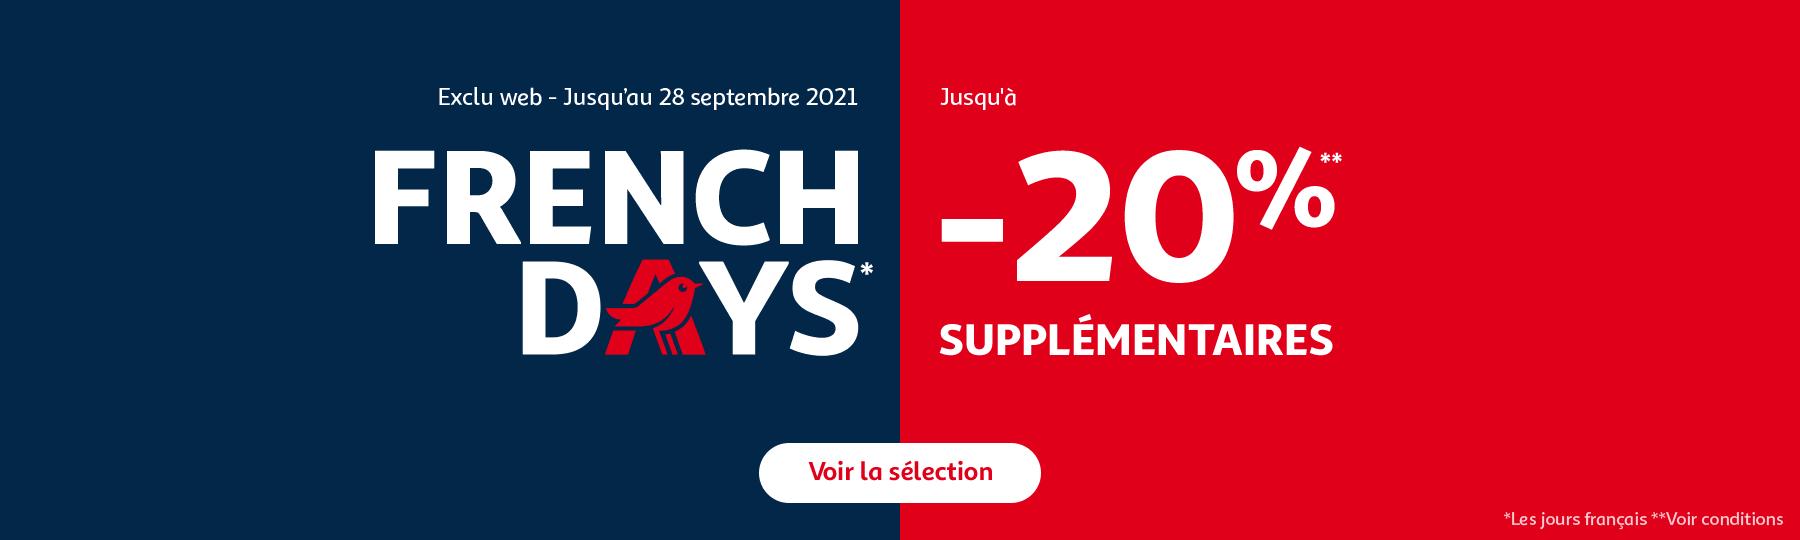 French Days, jusqu'à -50% et jusqu'à -20% supplémentaires